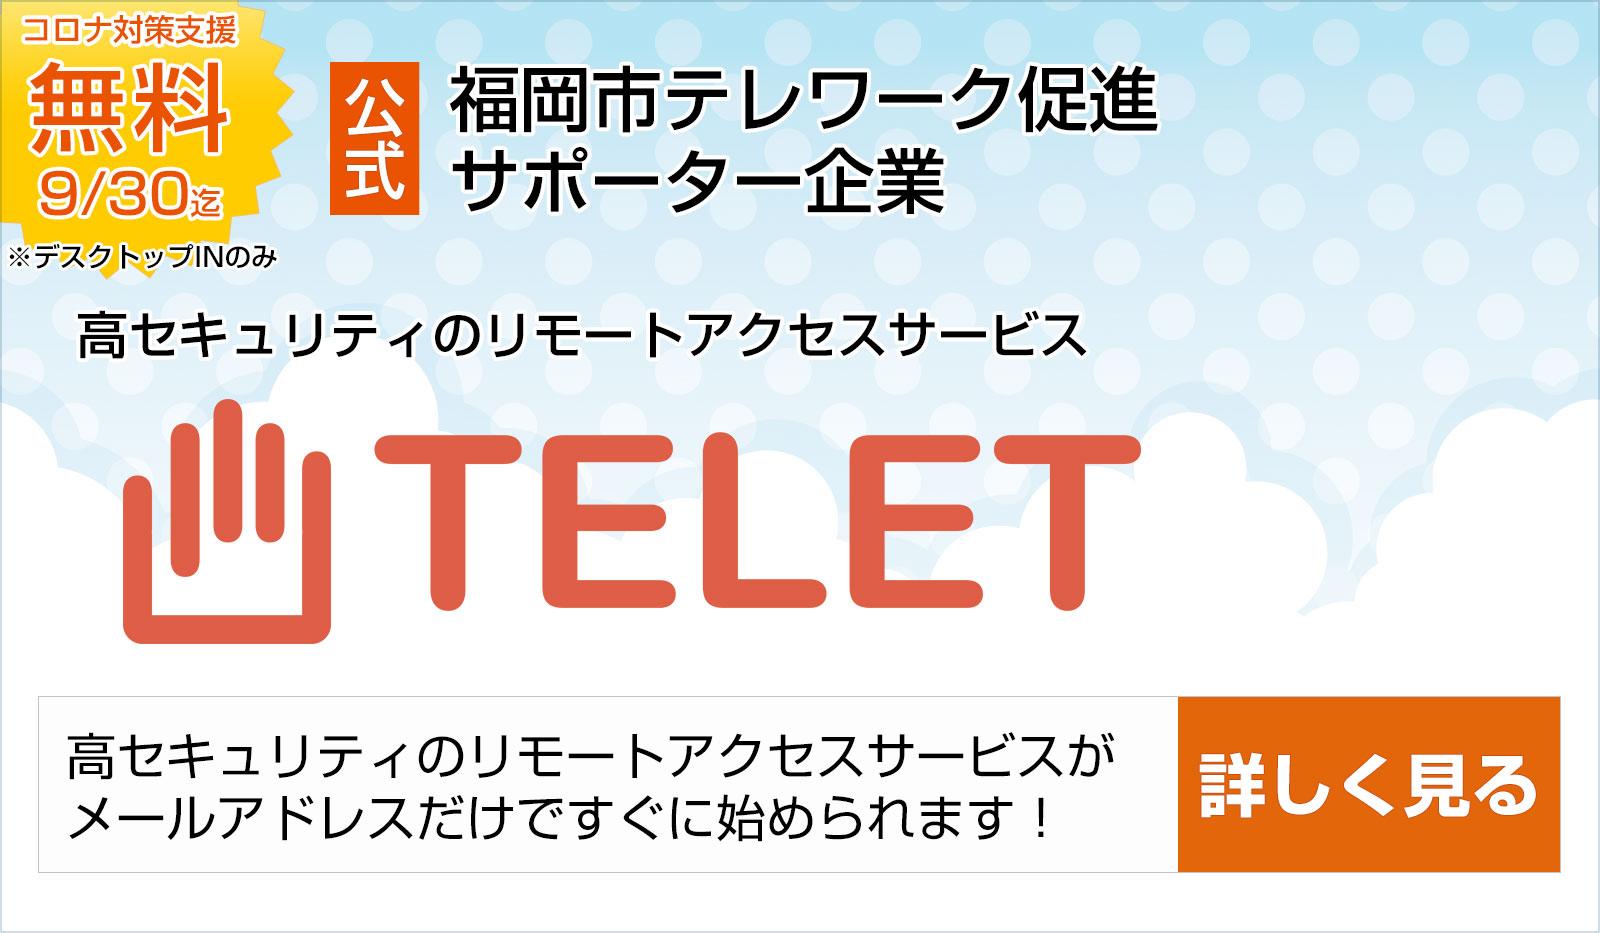 セキュアテレワークサービス「TELET」